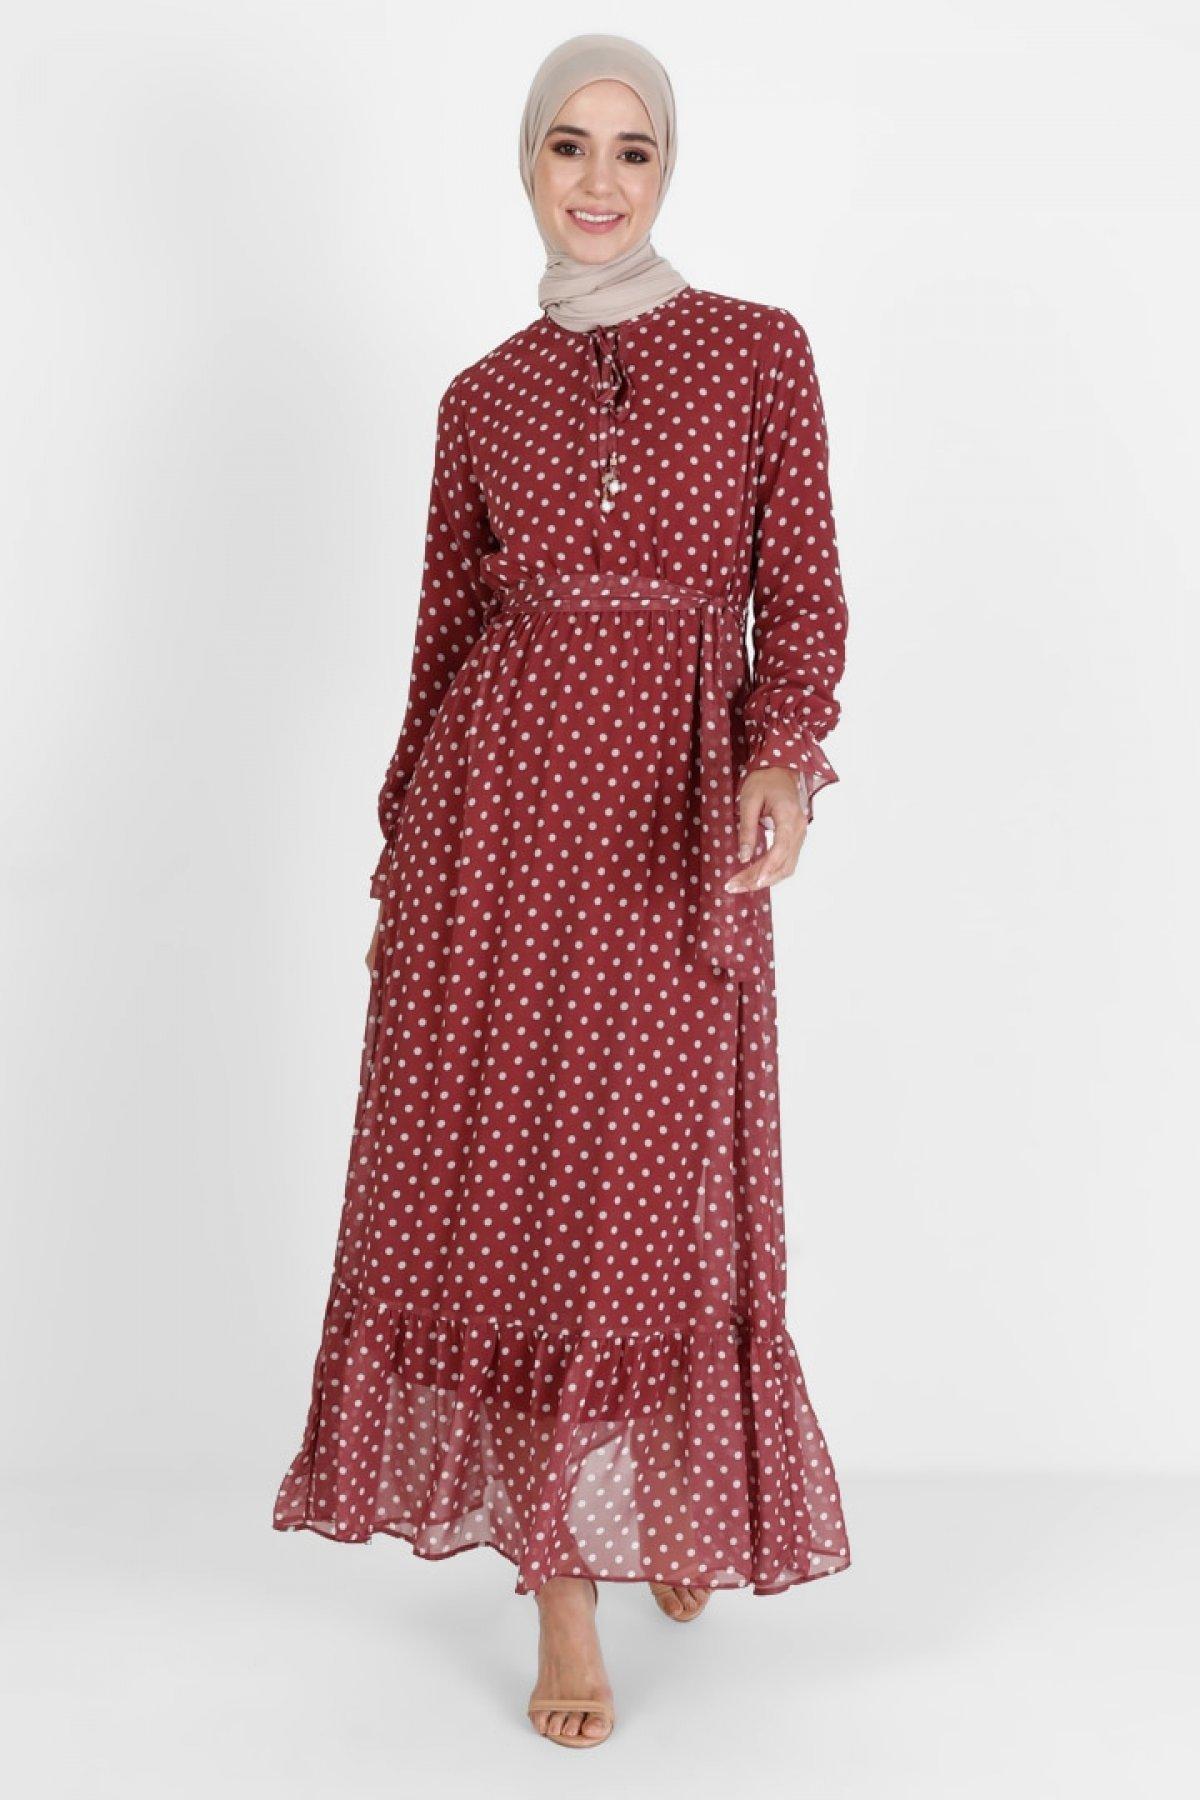 BÜRÜN Kiremit Puantiye Desenli Elbise